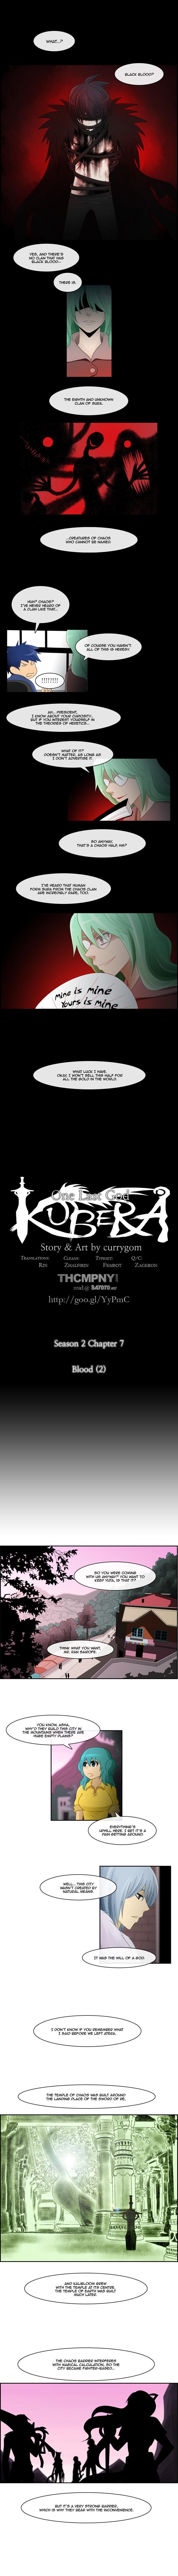 Kubera 109 Page 1